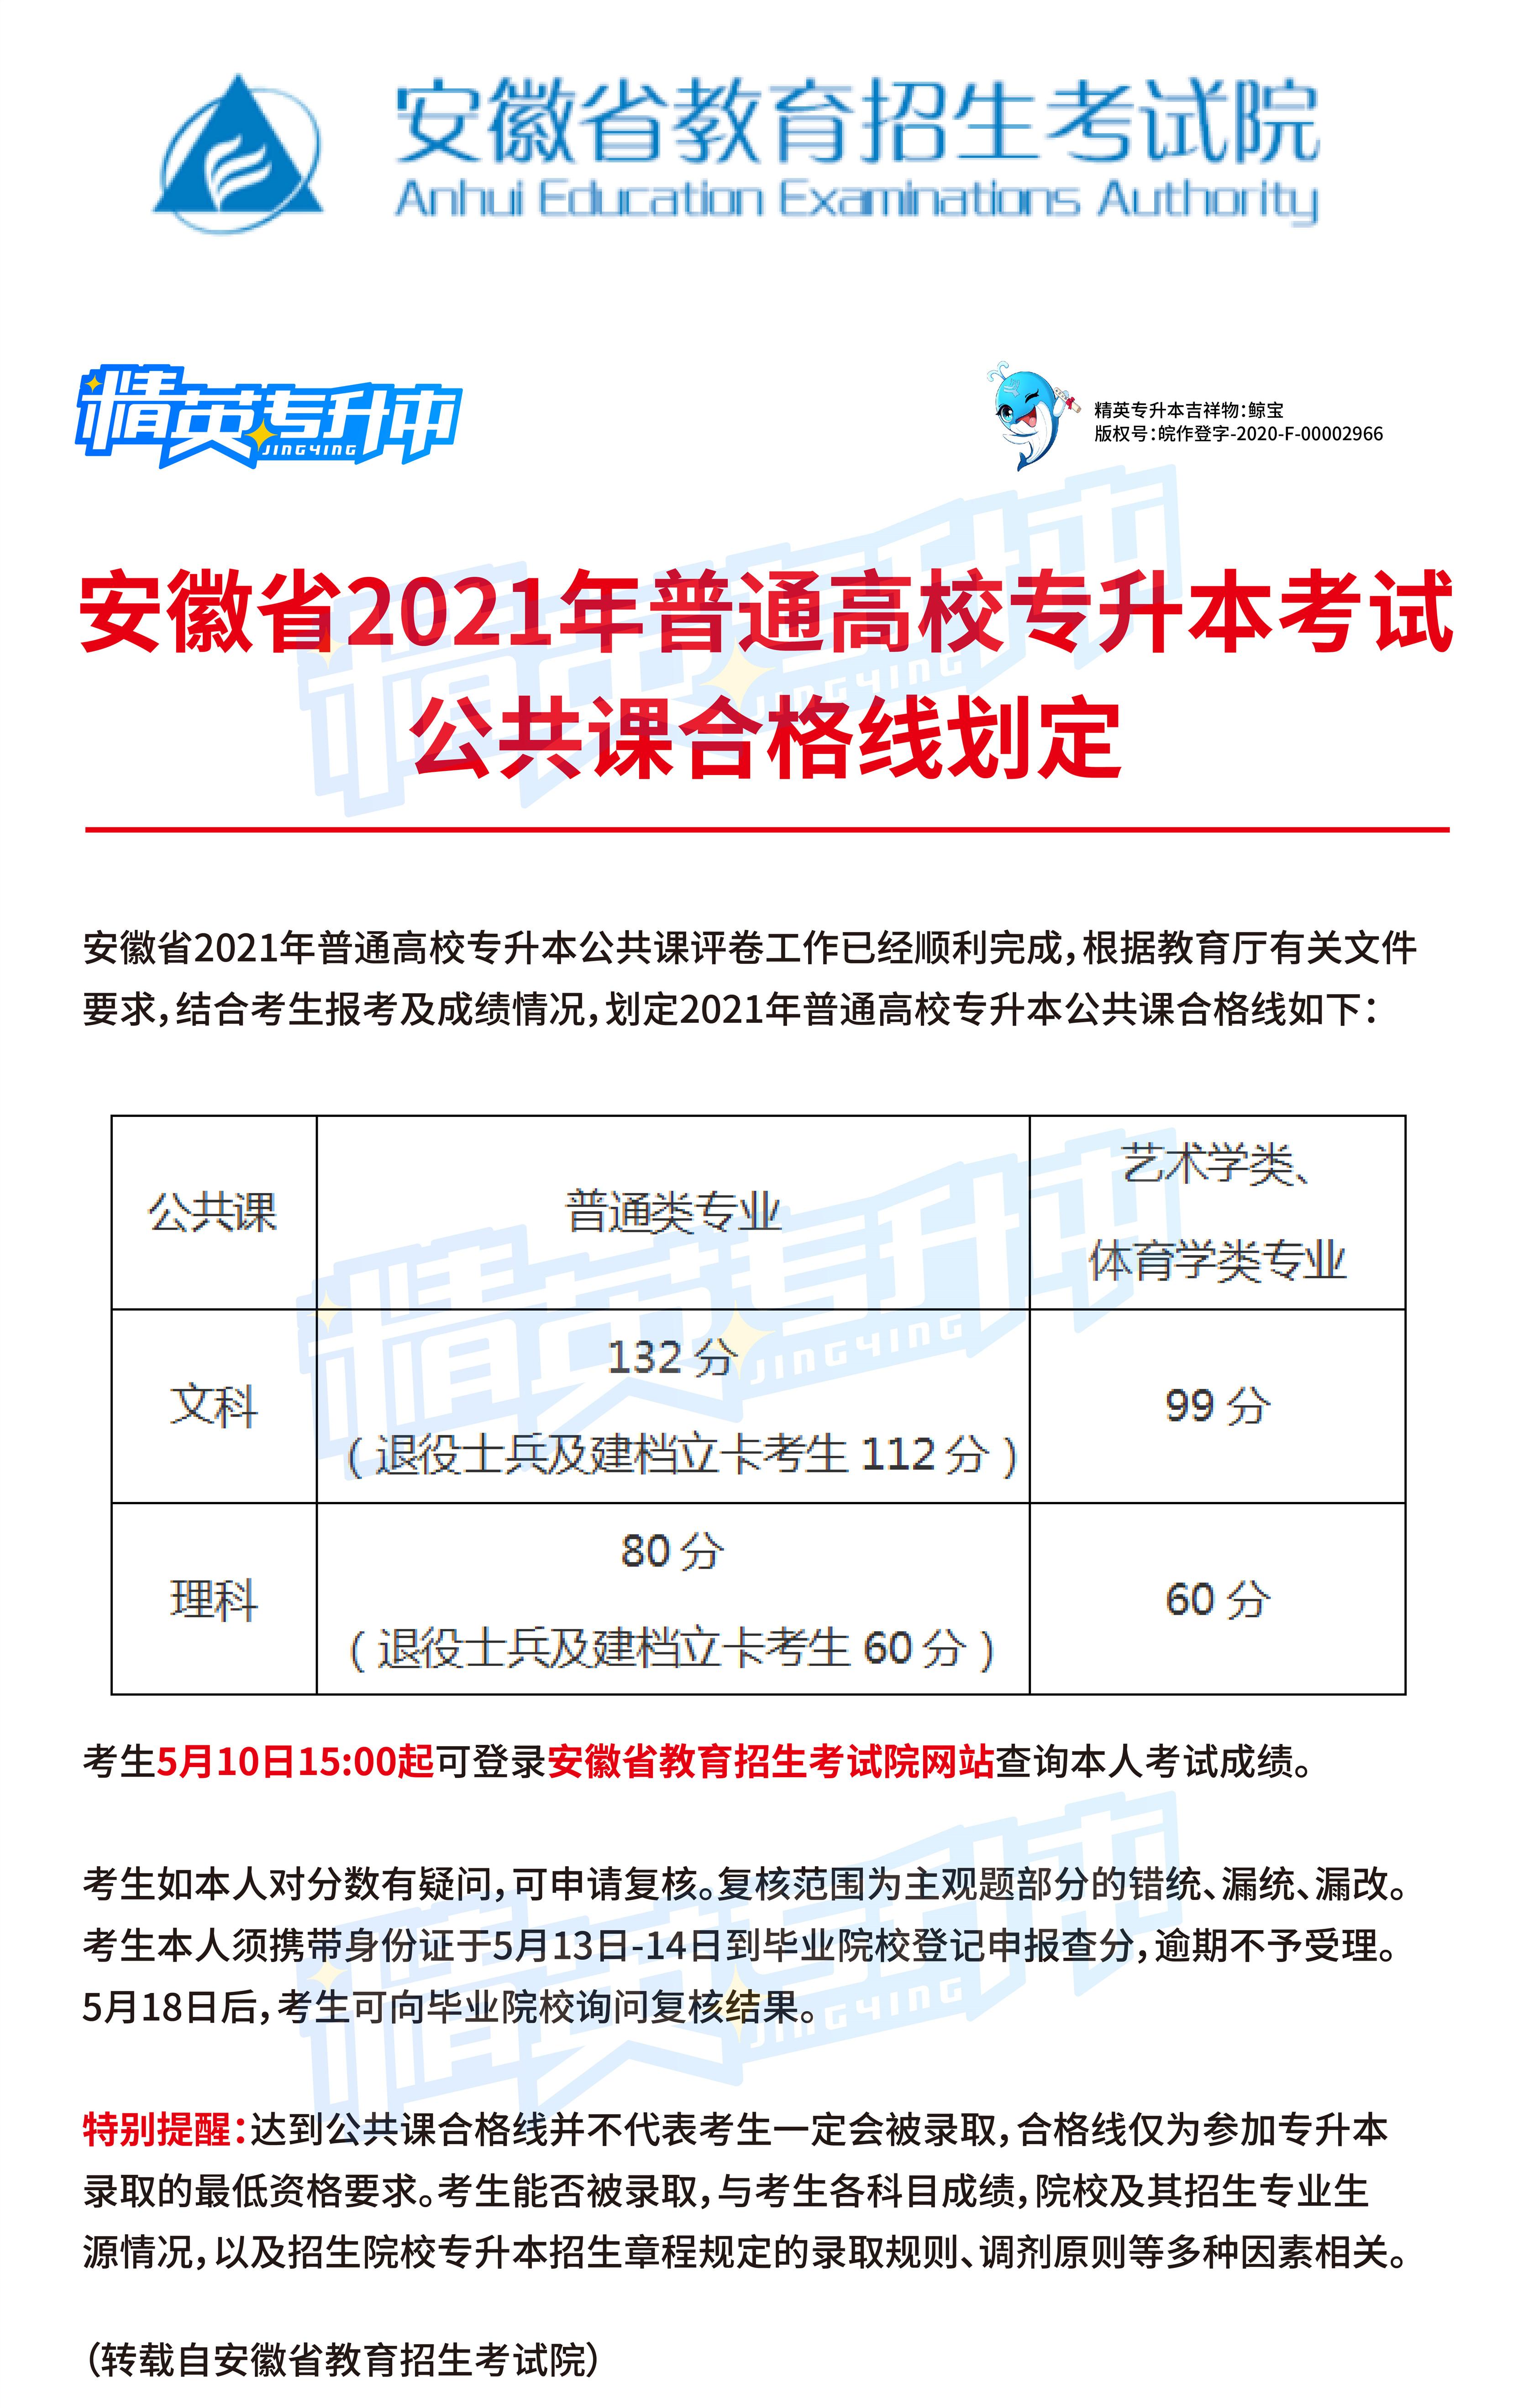 安徽省2021年普高专升本考试公共课合格线划定, 15点起可查成绩